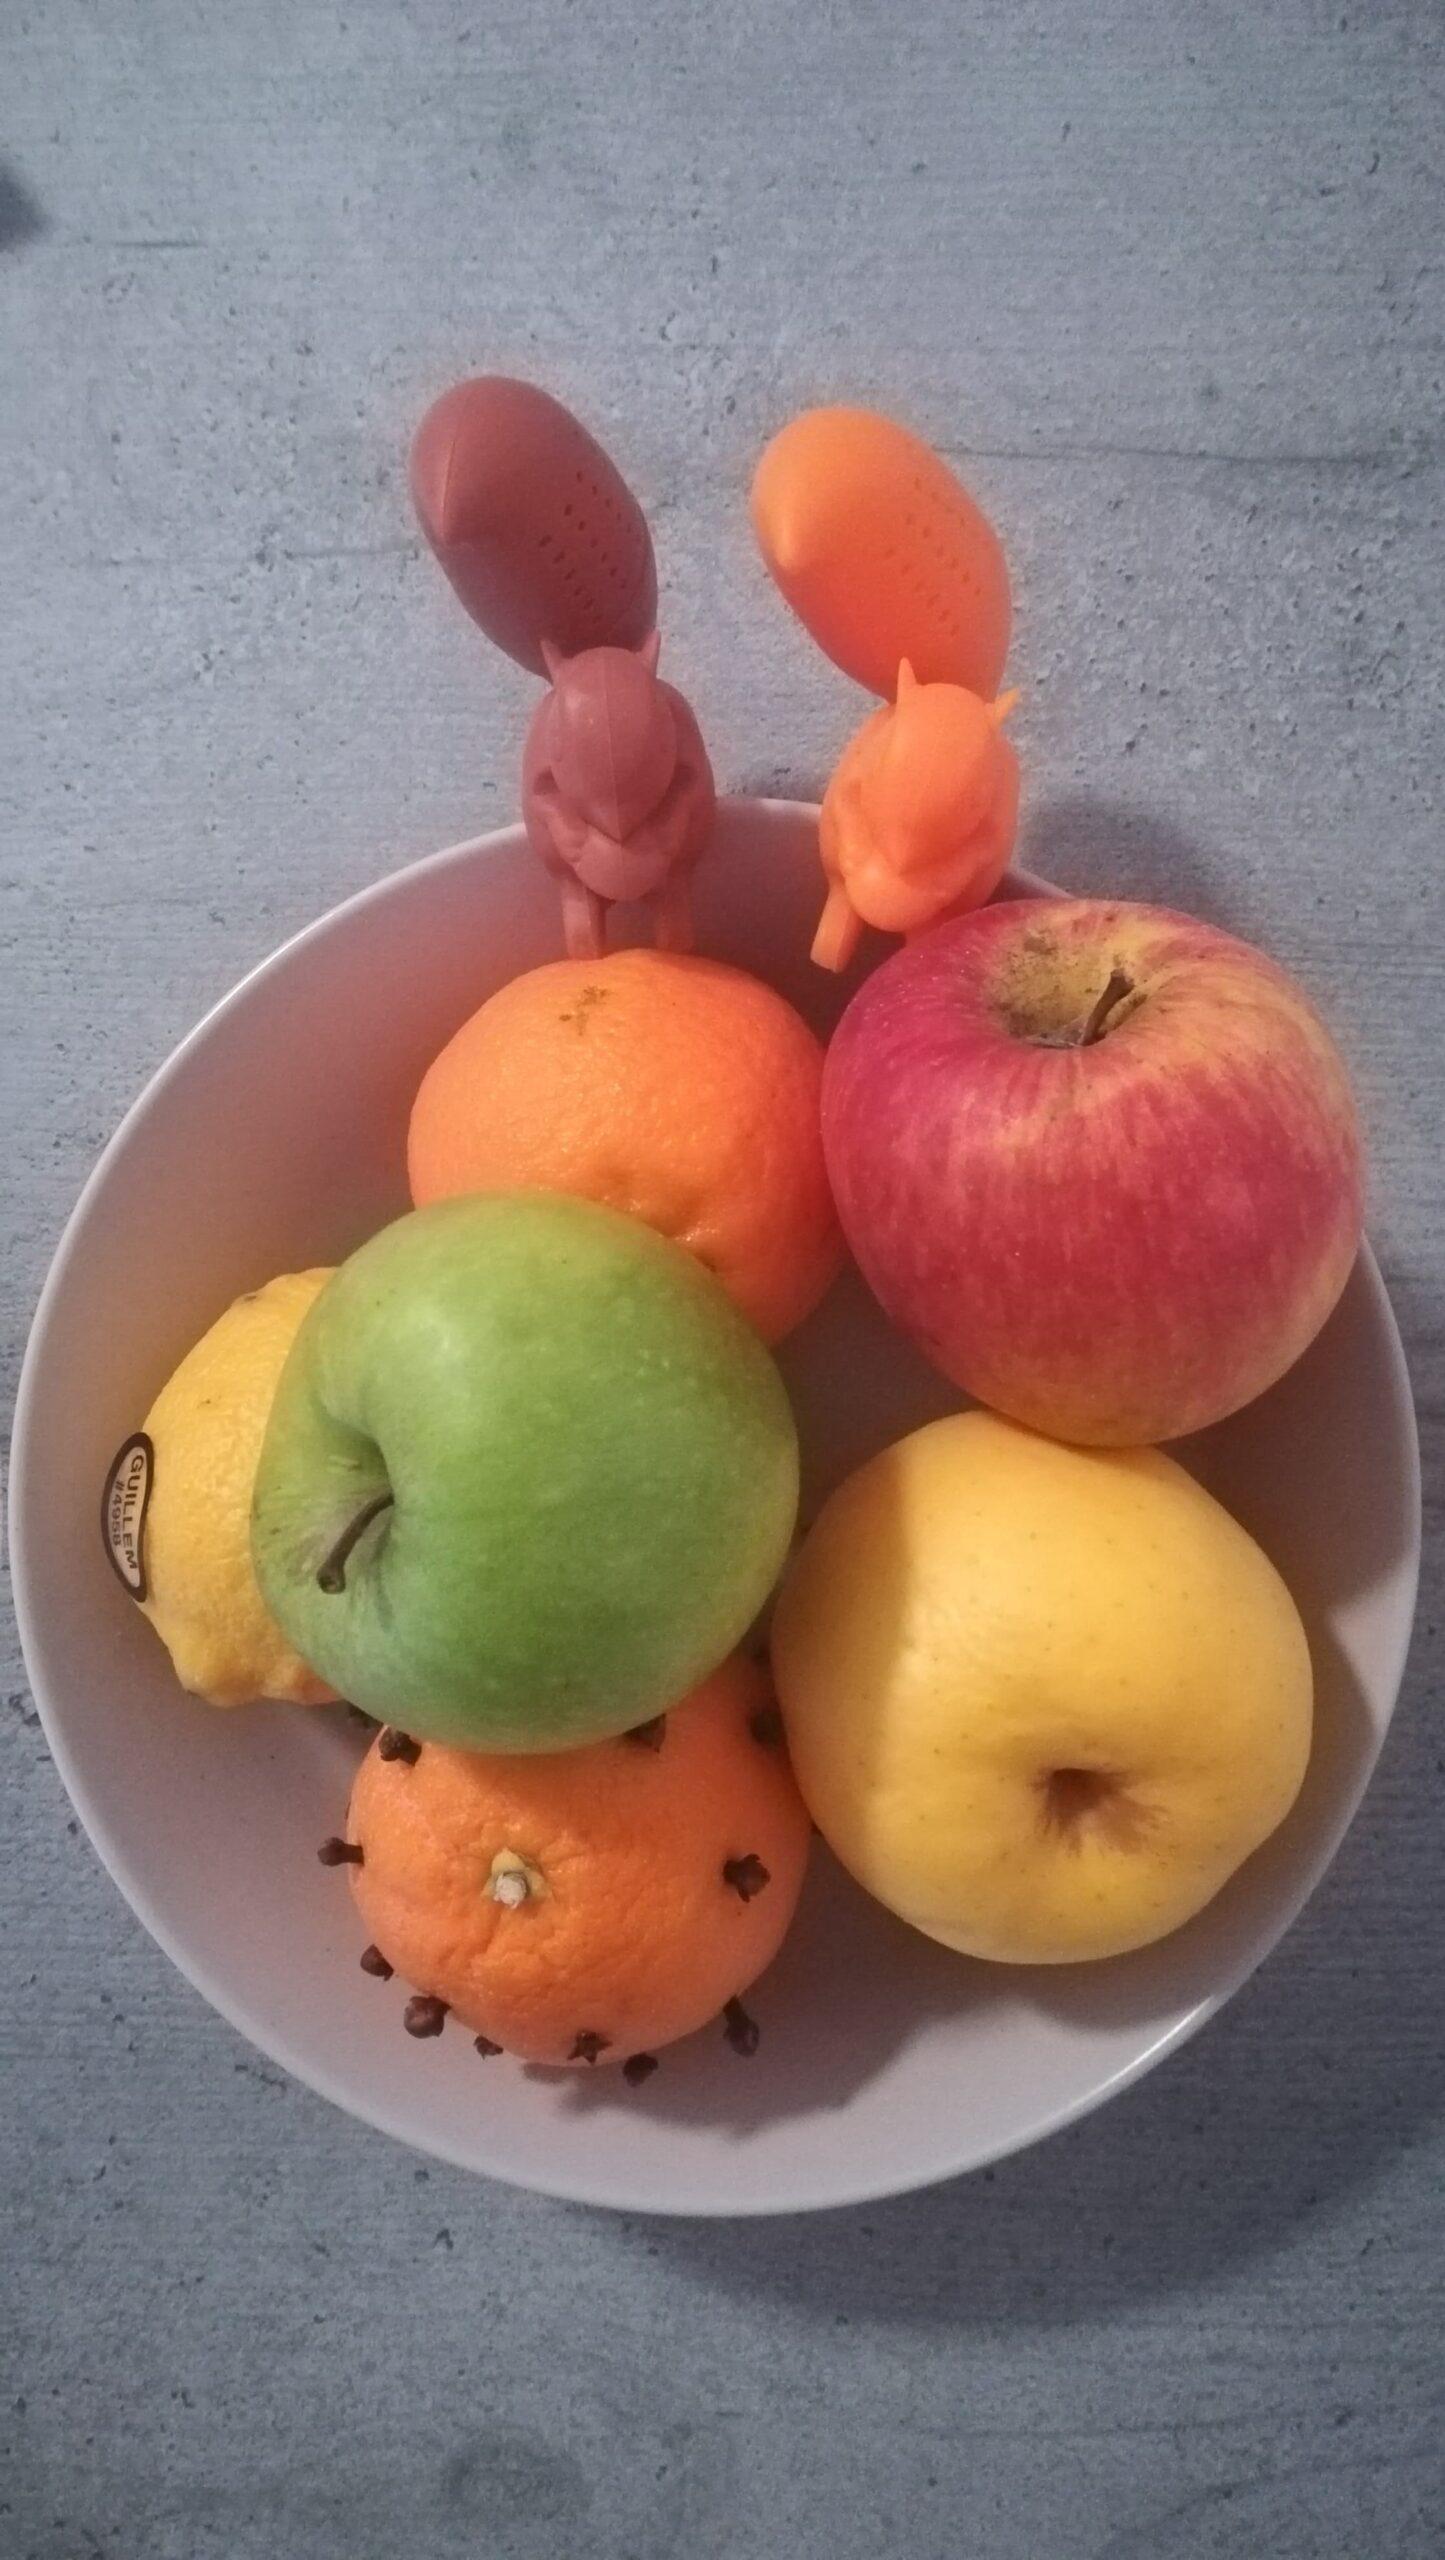 Sur une table grise, un plateau de fruits est photographié d'en haut. Celui-ci contient trois pommes : une rouge, une jaune et une verte, au-dessus. Un citron, sur la gauche, arbore une étiquette. En bas de l'image, une clémentine est percée de clous de girofles, lui conférant une apparence de hérisson. Plus haut, une autre clémentine, est lisse, elle. Sur les bords hauts du plateau, deux infuseurs à thé en forme d'écureuils sont côte à côte. Celui de gauche est marron, l'autre, à droite, orange.